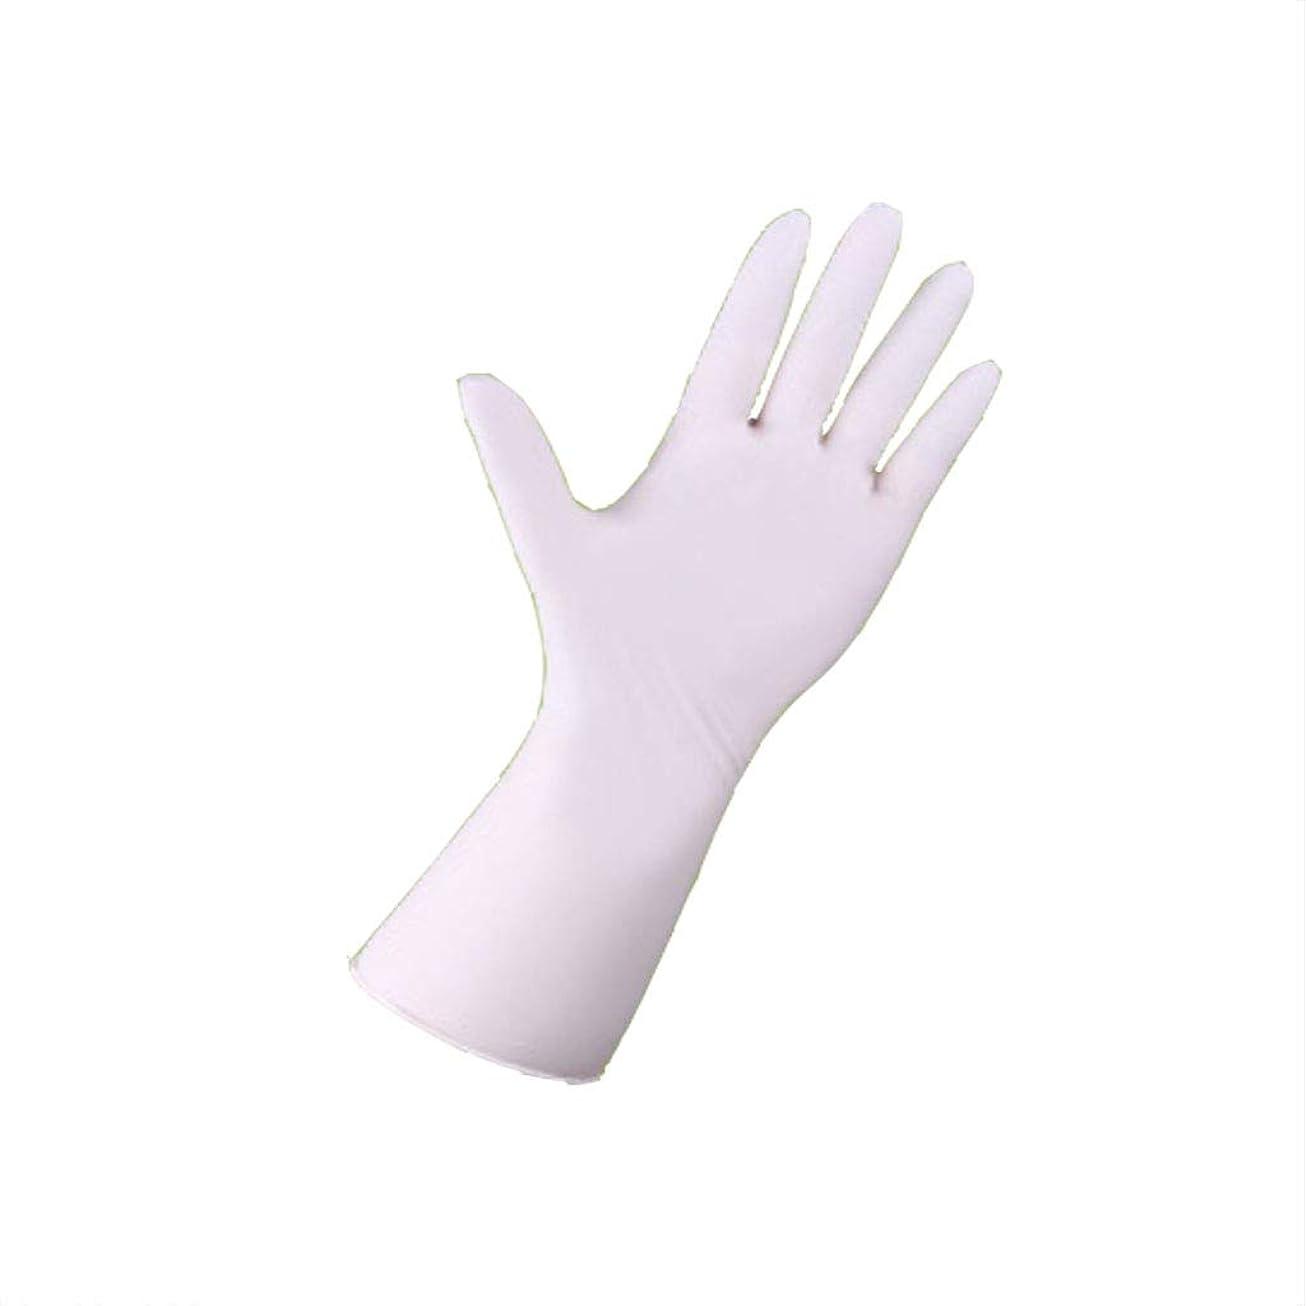 痛みしみエイリアス手袋、使い捨て手袋、長いゴムラボ、帯電防止ペディキュア、マッサージ、ハンドマッサージ100 (サイズ さいず : S s)